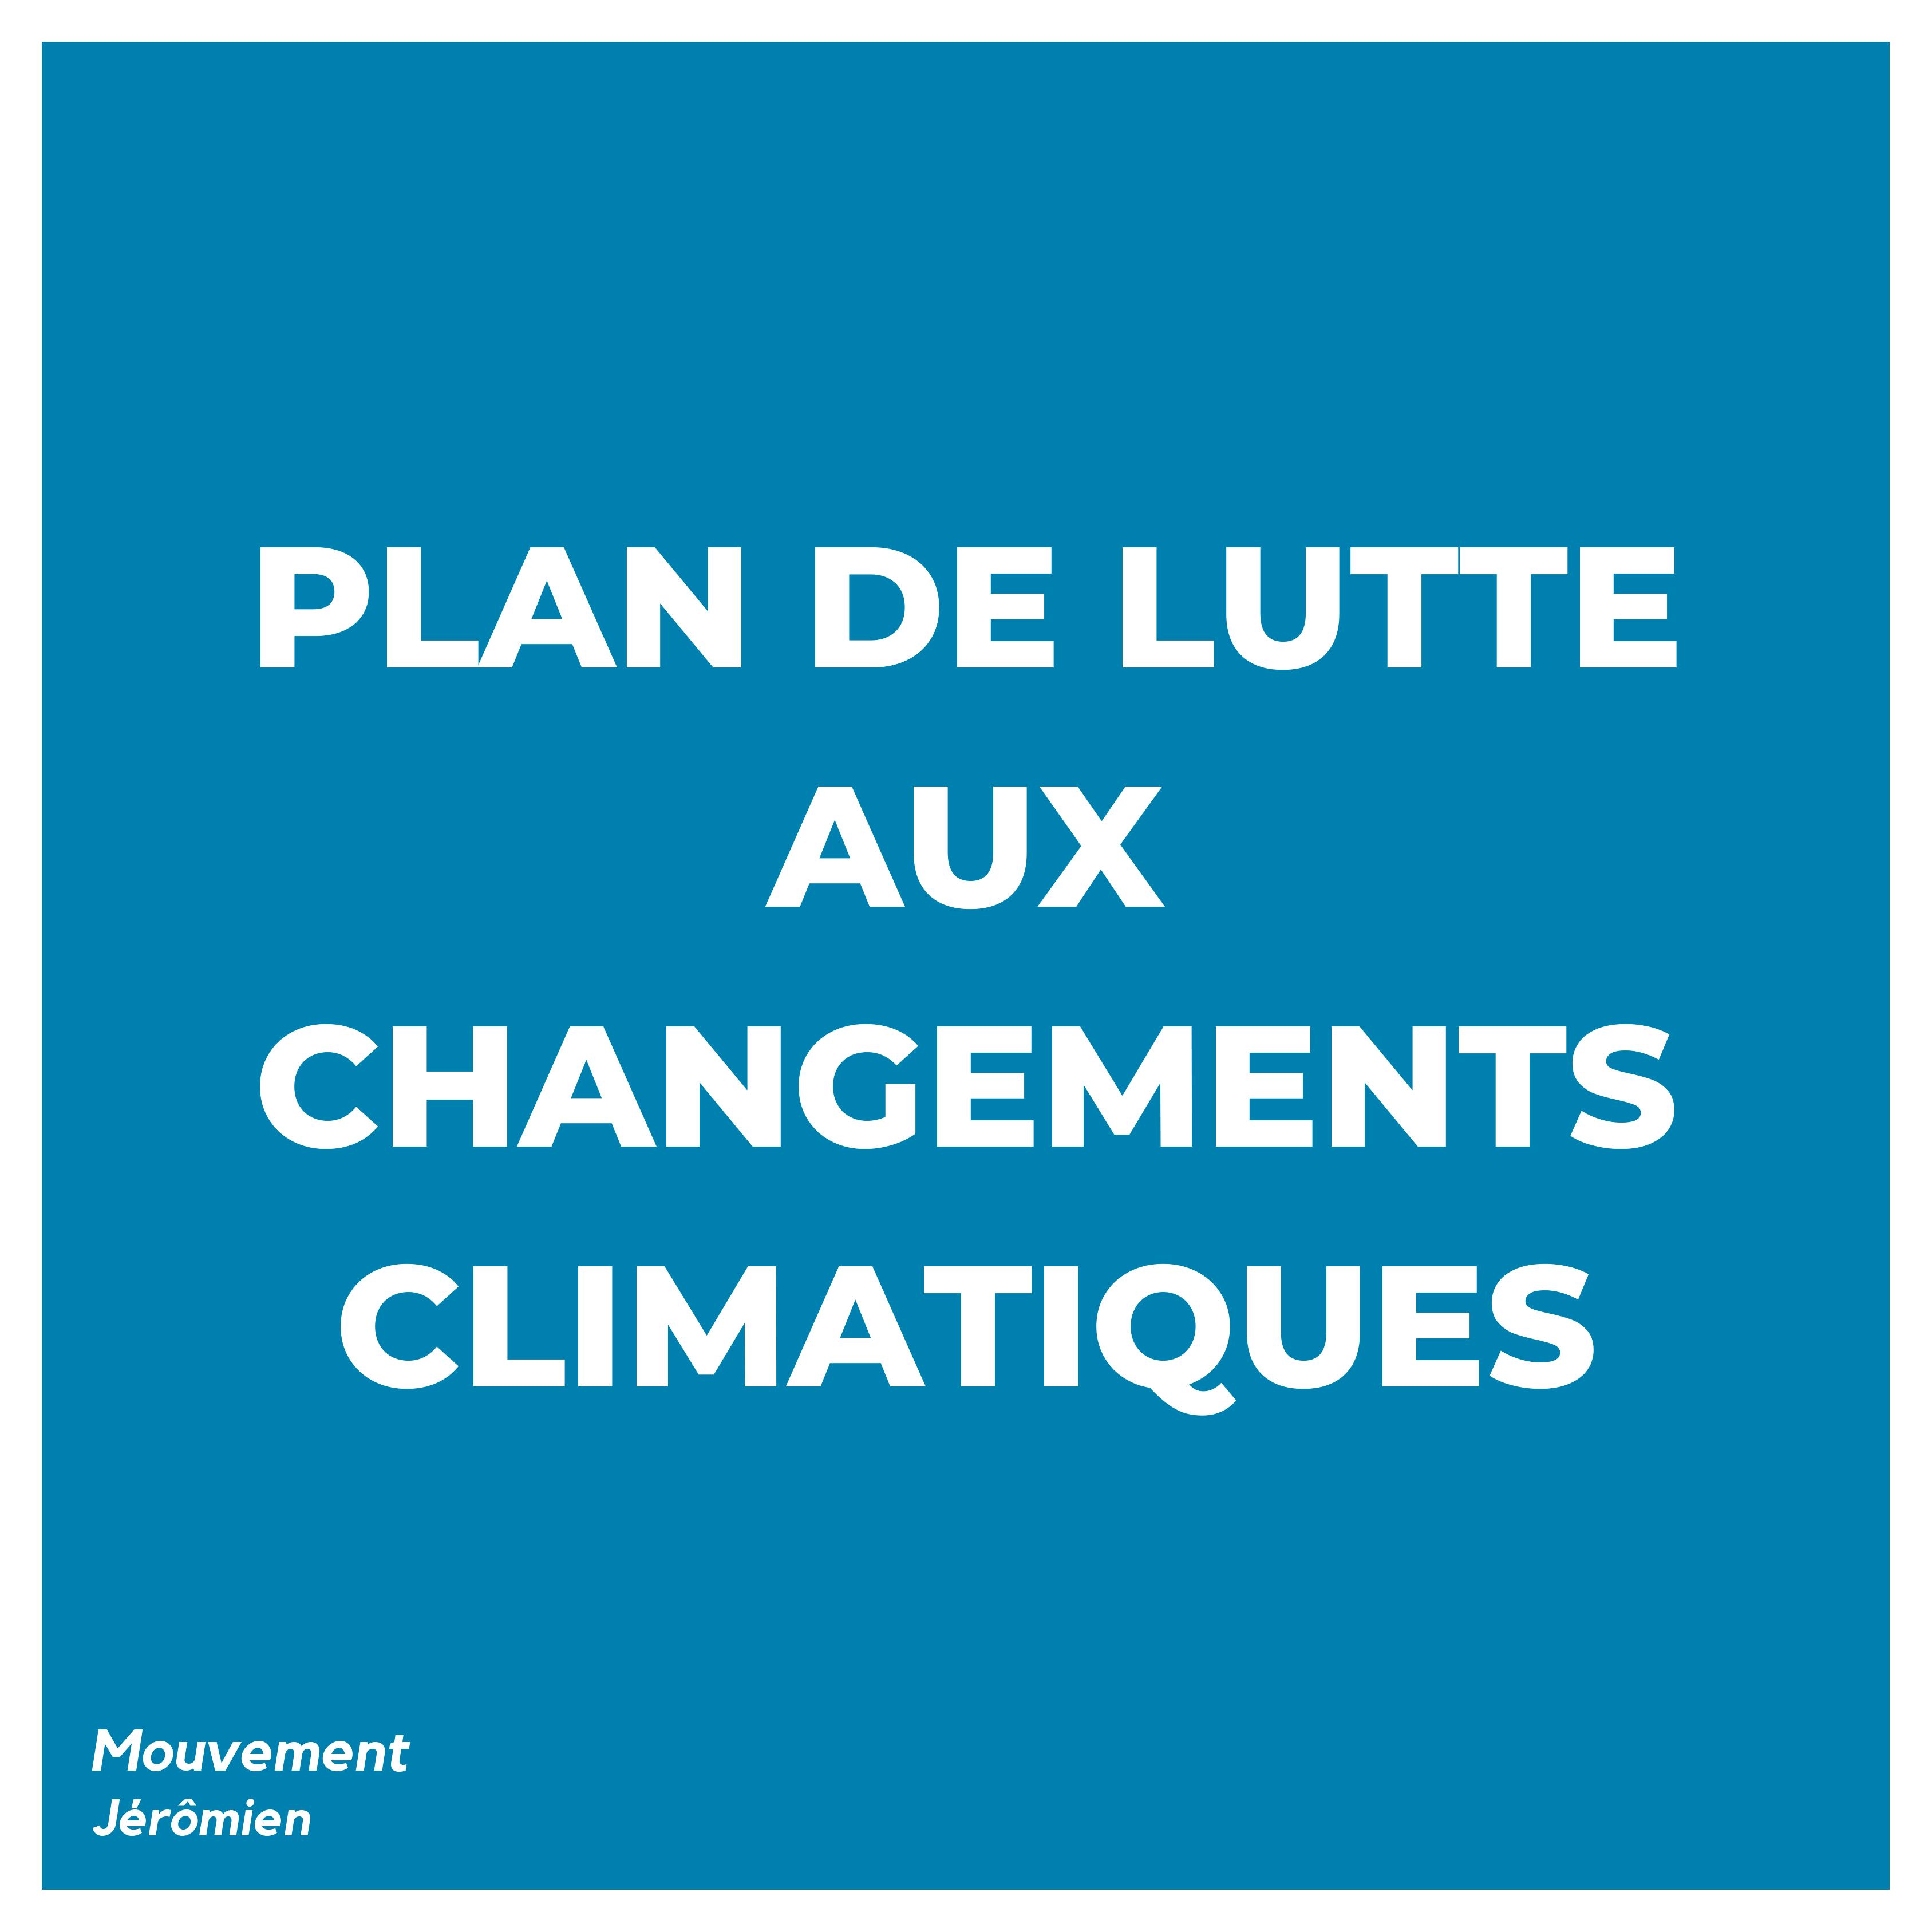 Plan de lutte aux changements climatiques